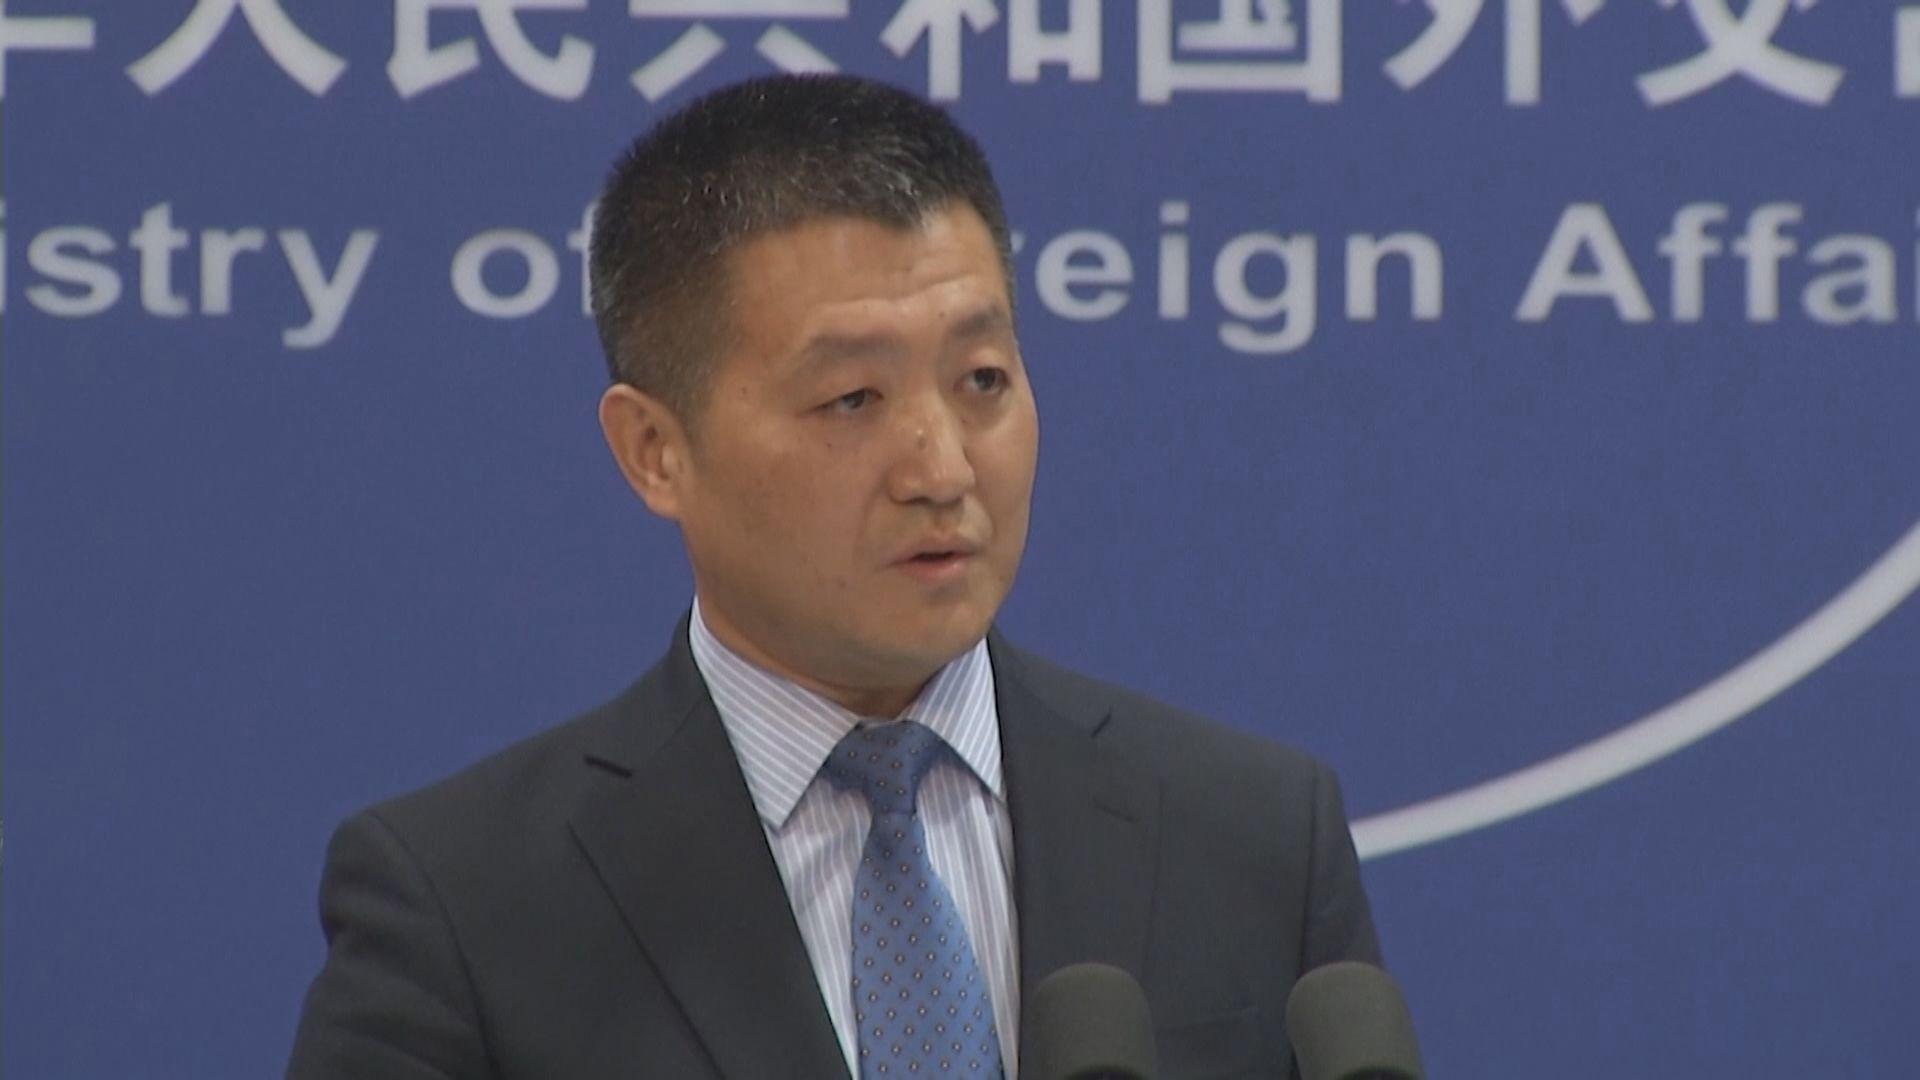 外交部:中美應在互相尊重基礎上解決分歧